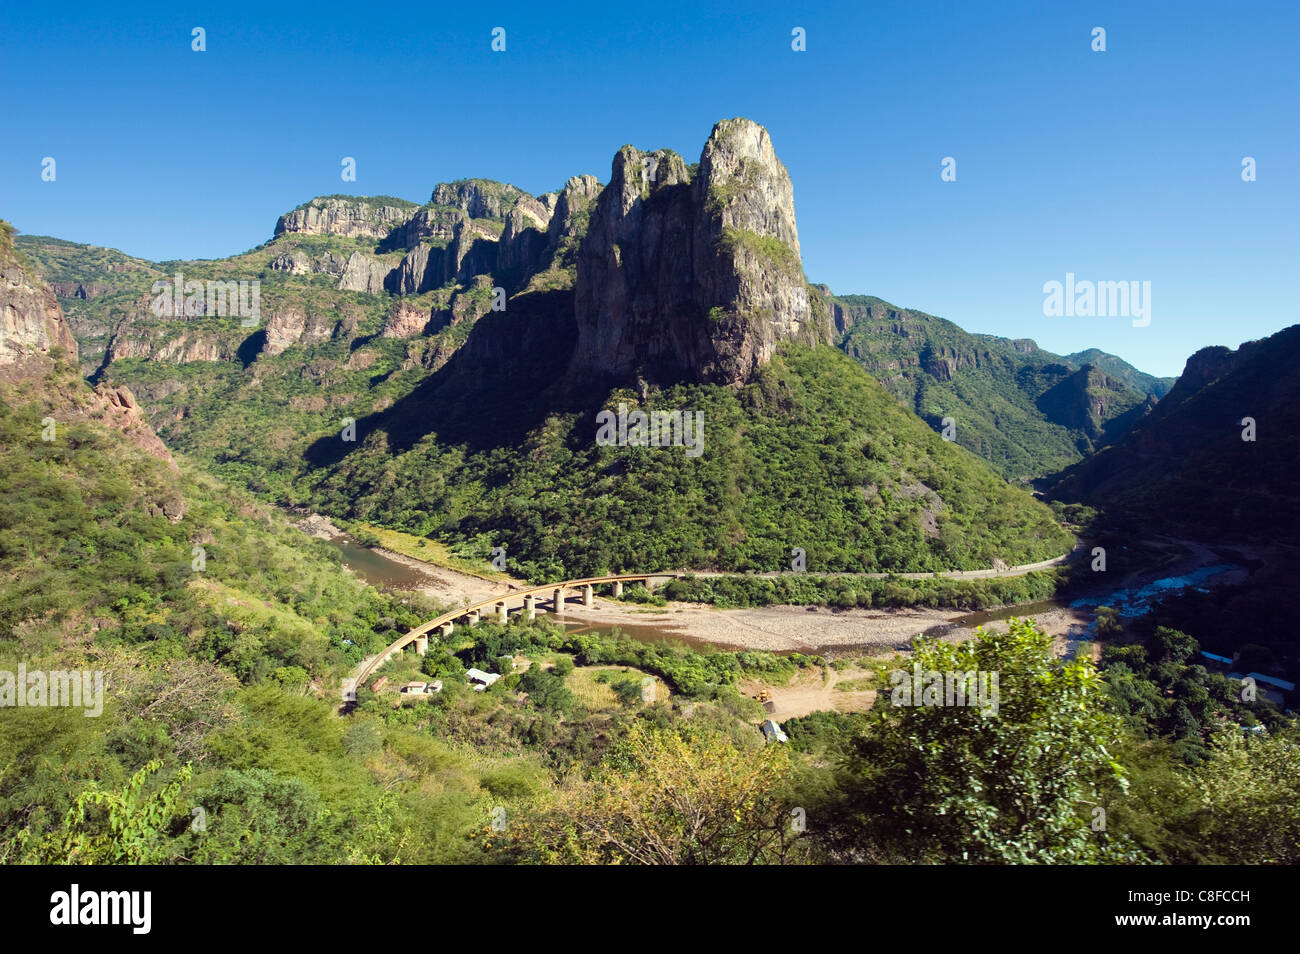 El Chepe viaggio ferroviario attraverso la Barranca del Cobre (rame Canyon, stato di Chihuahua, Messico Immagini Stock